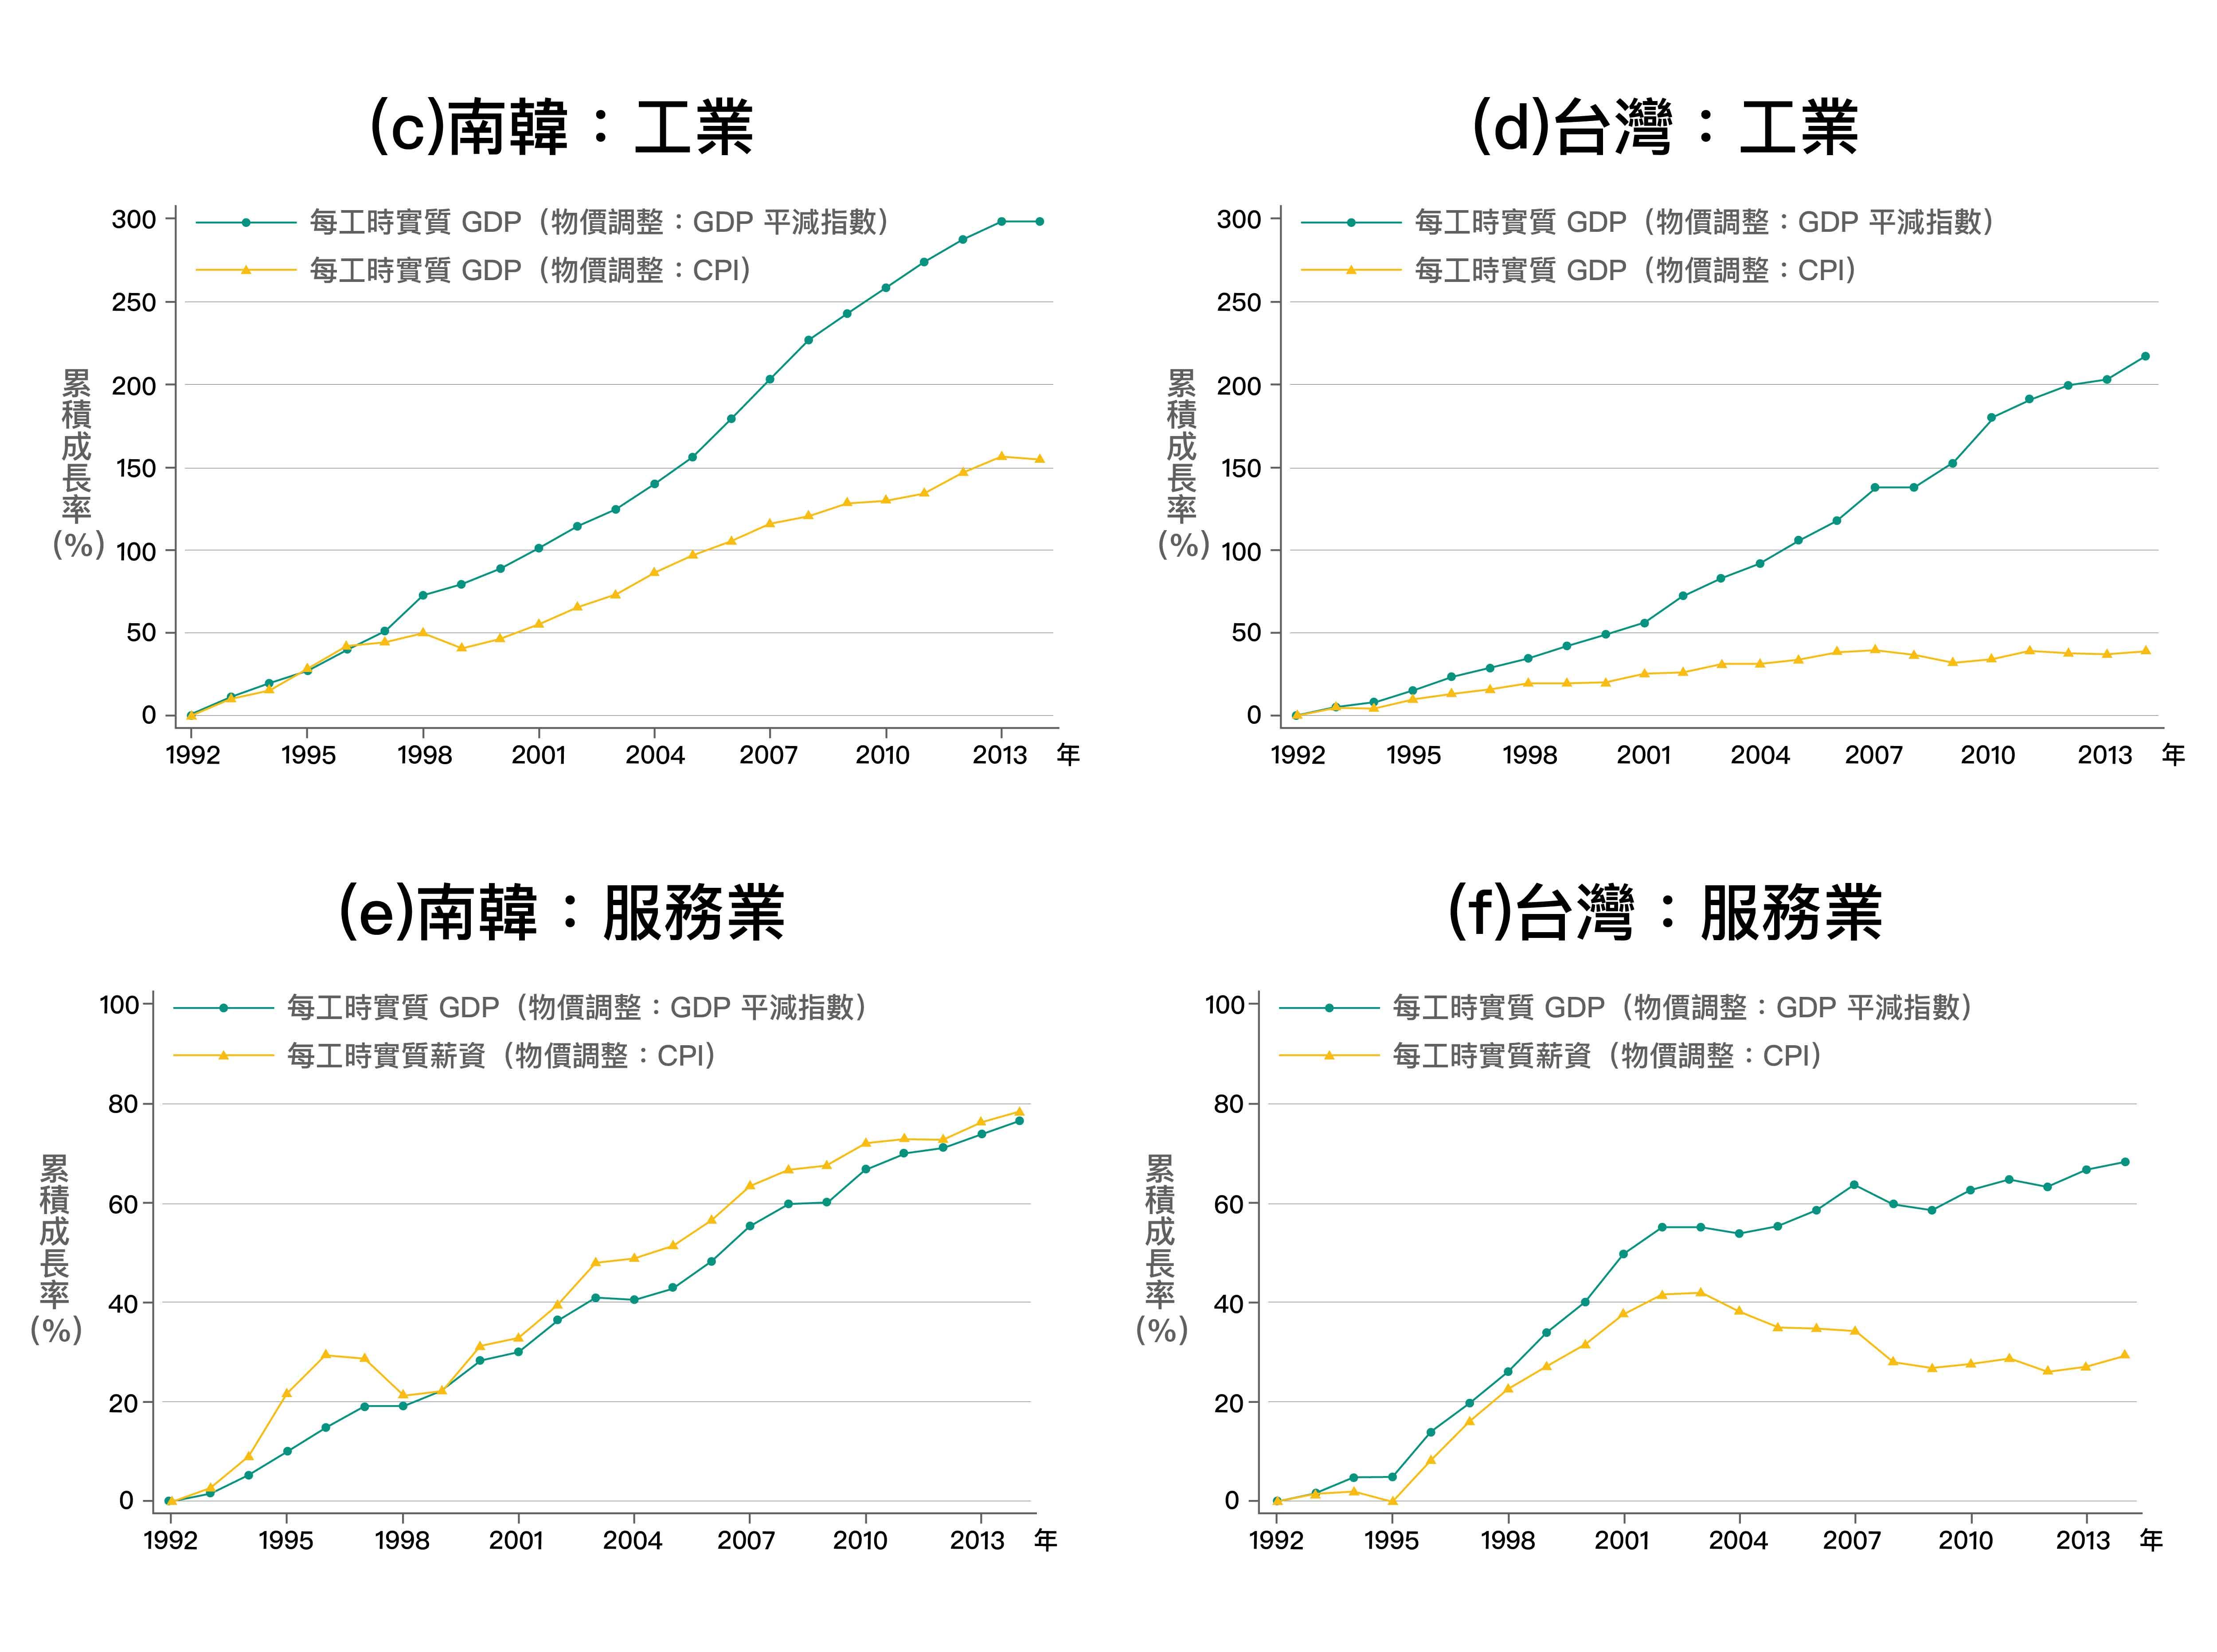 臺灣和南韓工業部門類似,實質薪資的成長皆大幅落後實質GDP的成長,但南韓服務業不論是實質GDP與實質薪資都在成長,反觀台灣服務業,實質GDP與實質薪資都是停滯。圖│《經濟成長、薪資停滯?初探臺灣實質薪資與勞動生產力脫勾的成因》,作者:林依伶、楊子霆